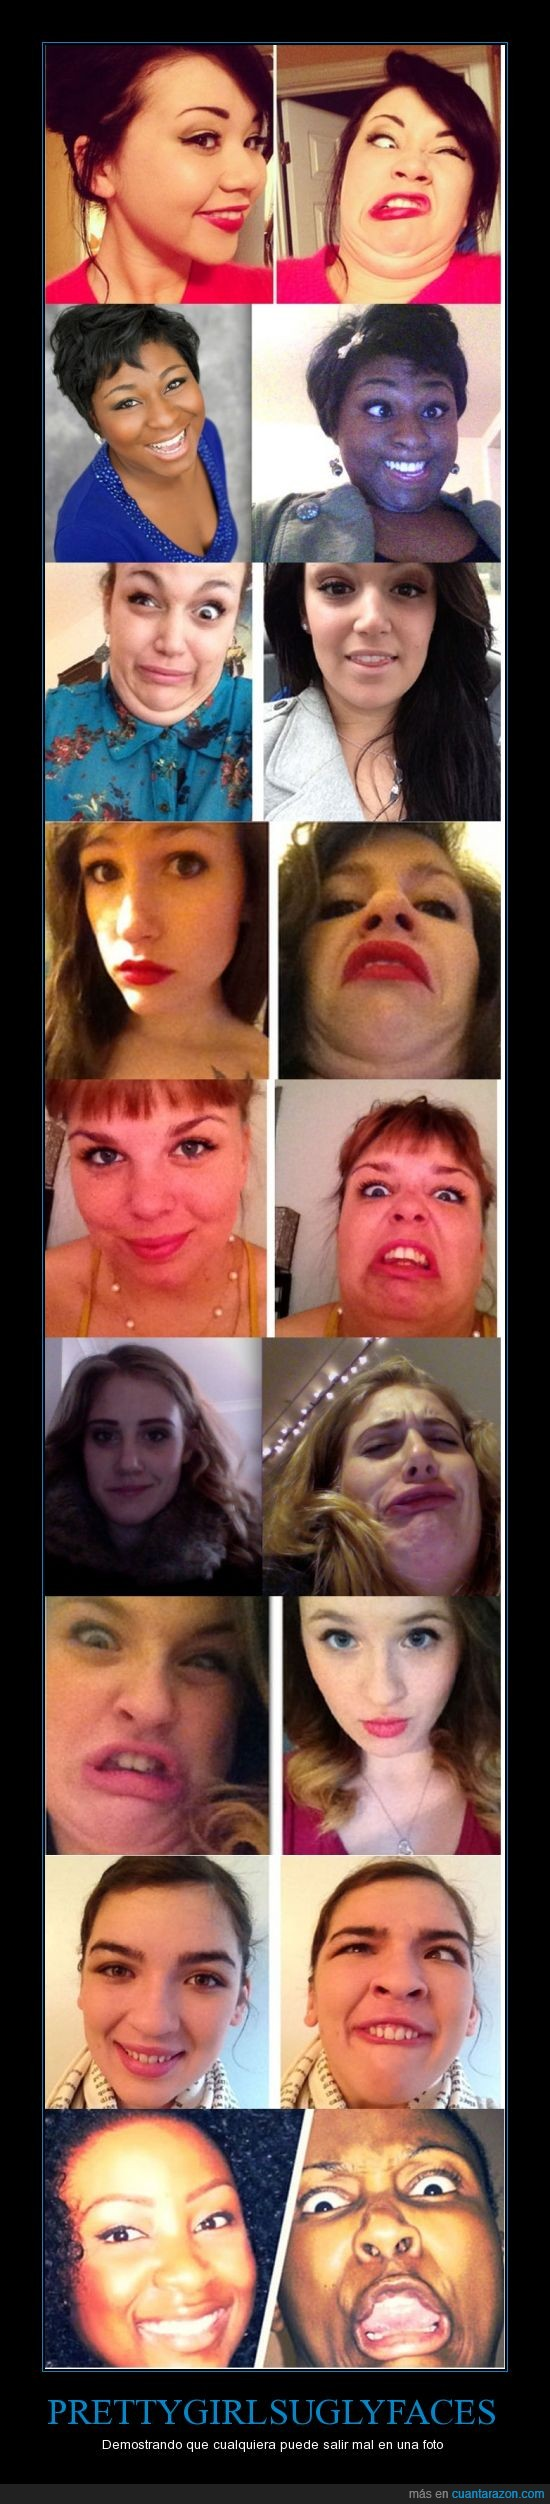 chicas,fea,foto,guapa,jeto,miedo,pose